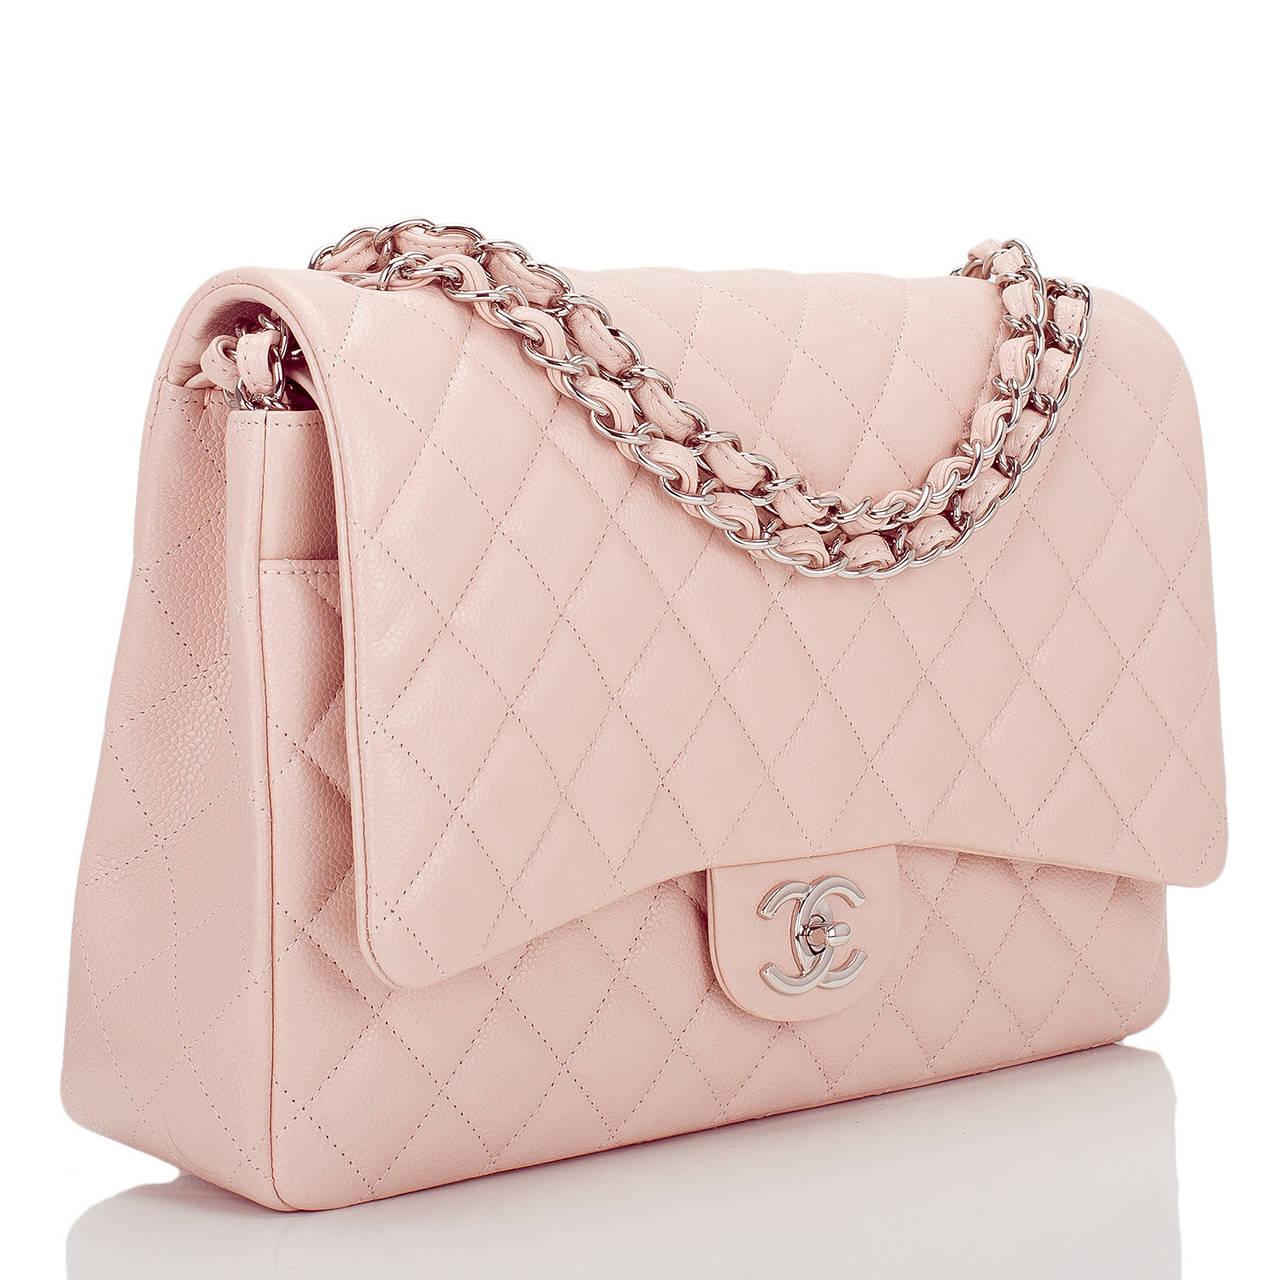 Bạn có thể đựng gì trong chiếc túi xách nữ Chanel Flap Bag size maxi